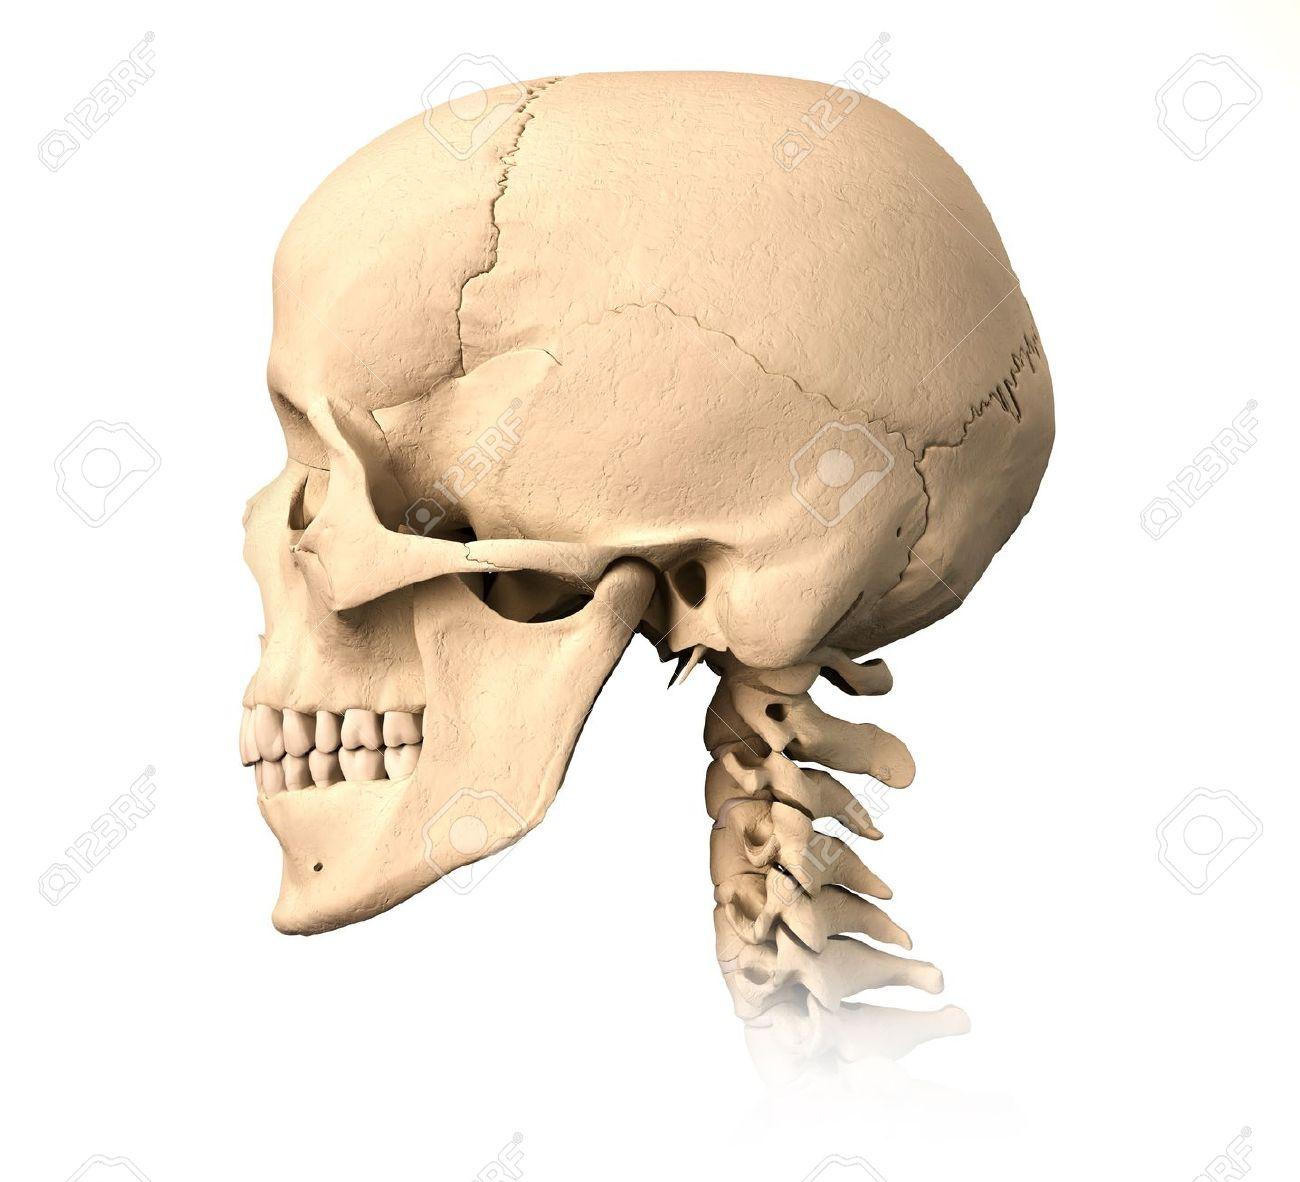 Muy Detallado Y Cráneo Humano Científicamente Correcto. Vista ...